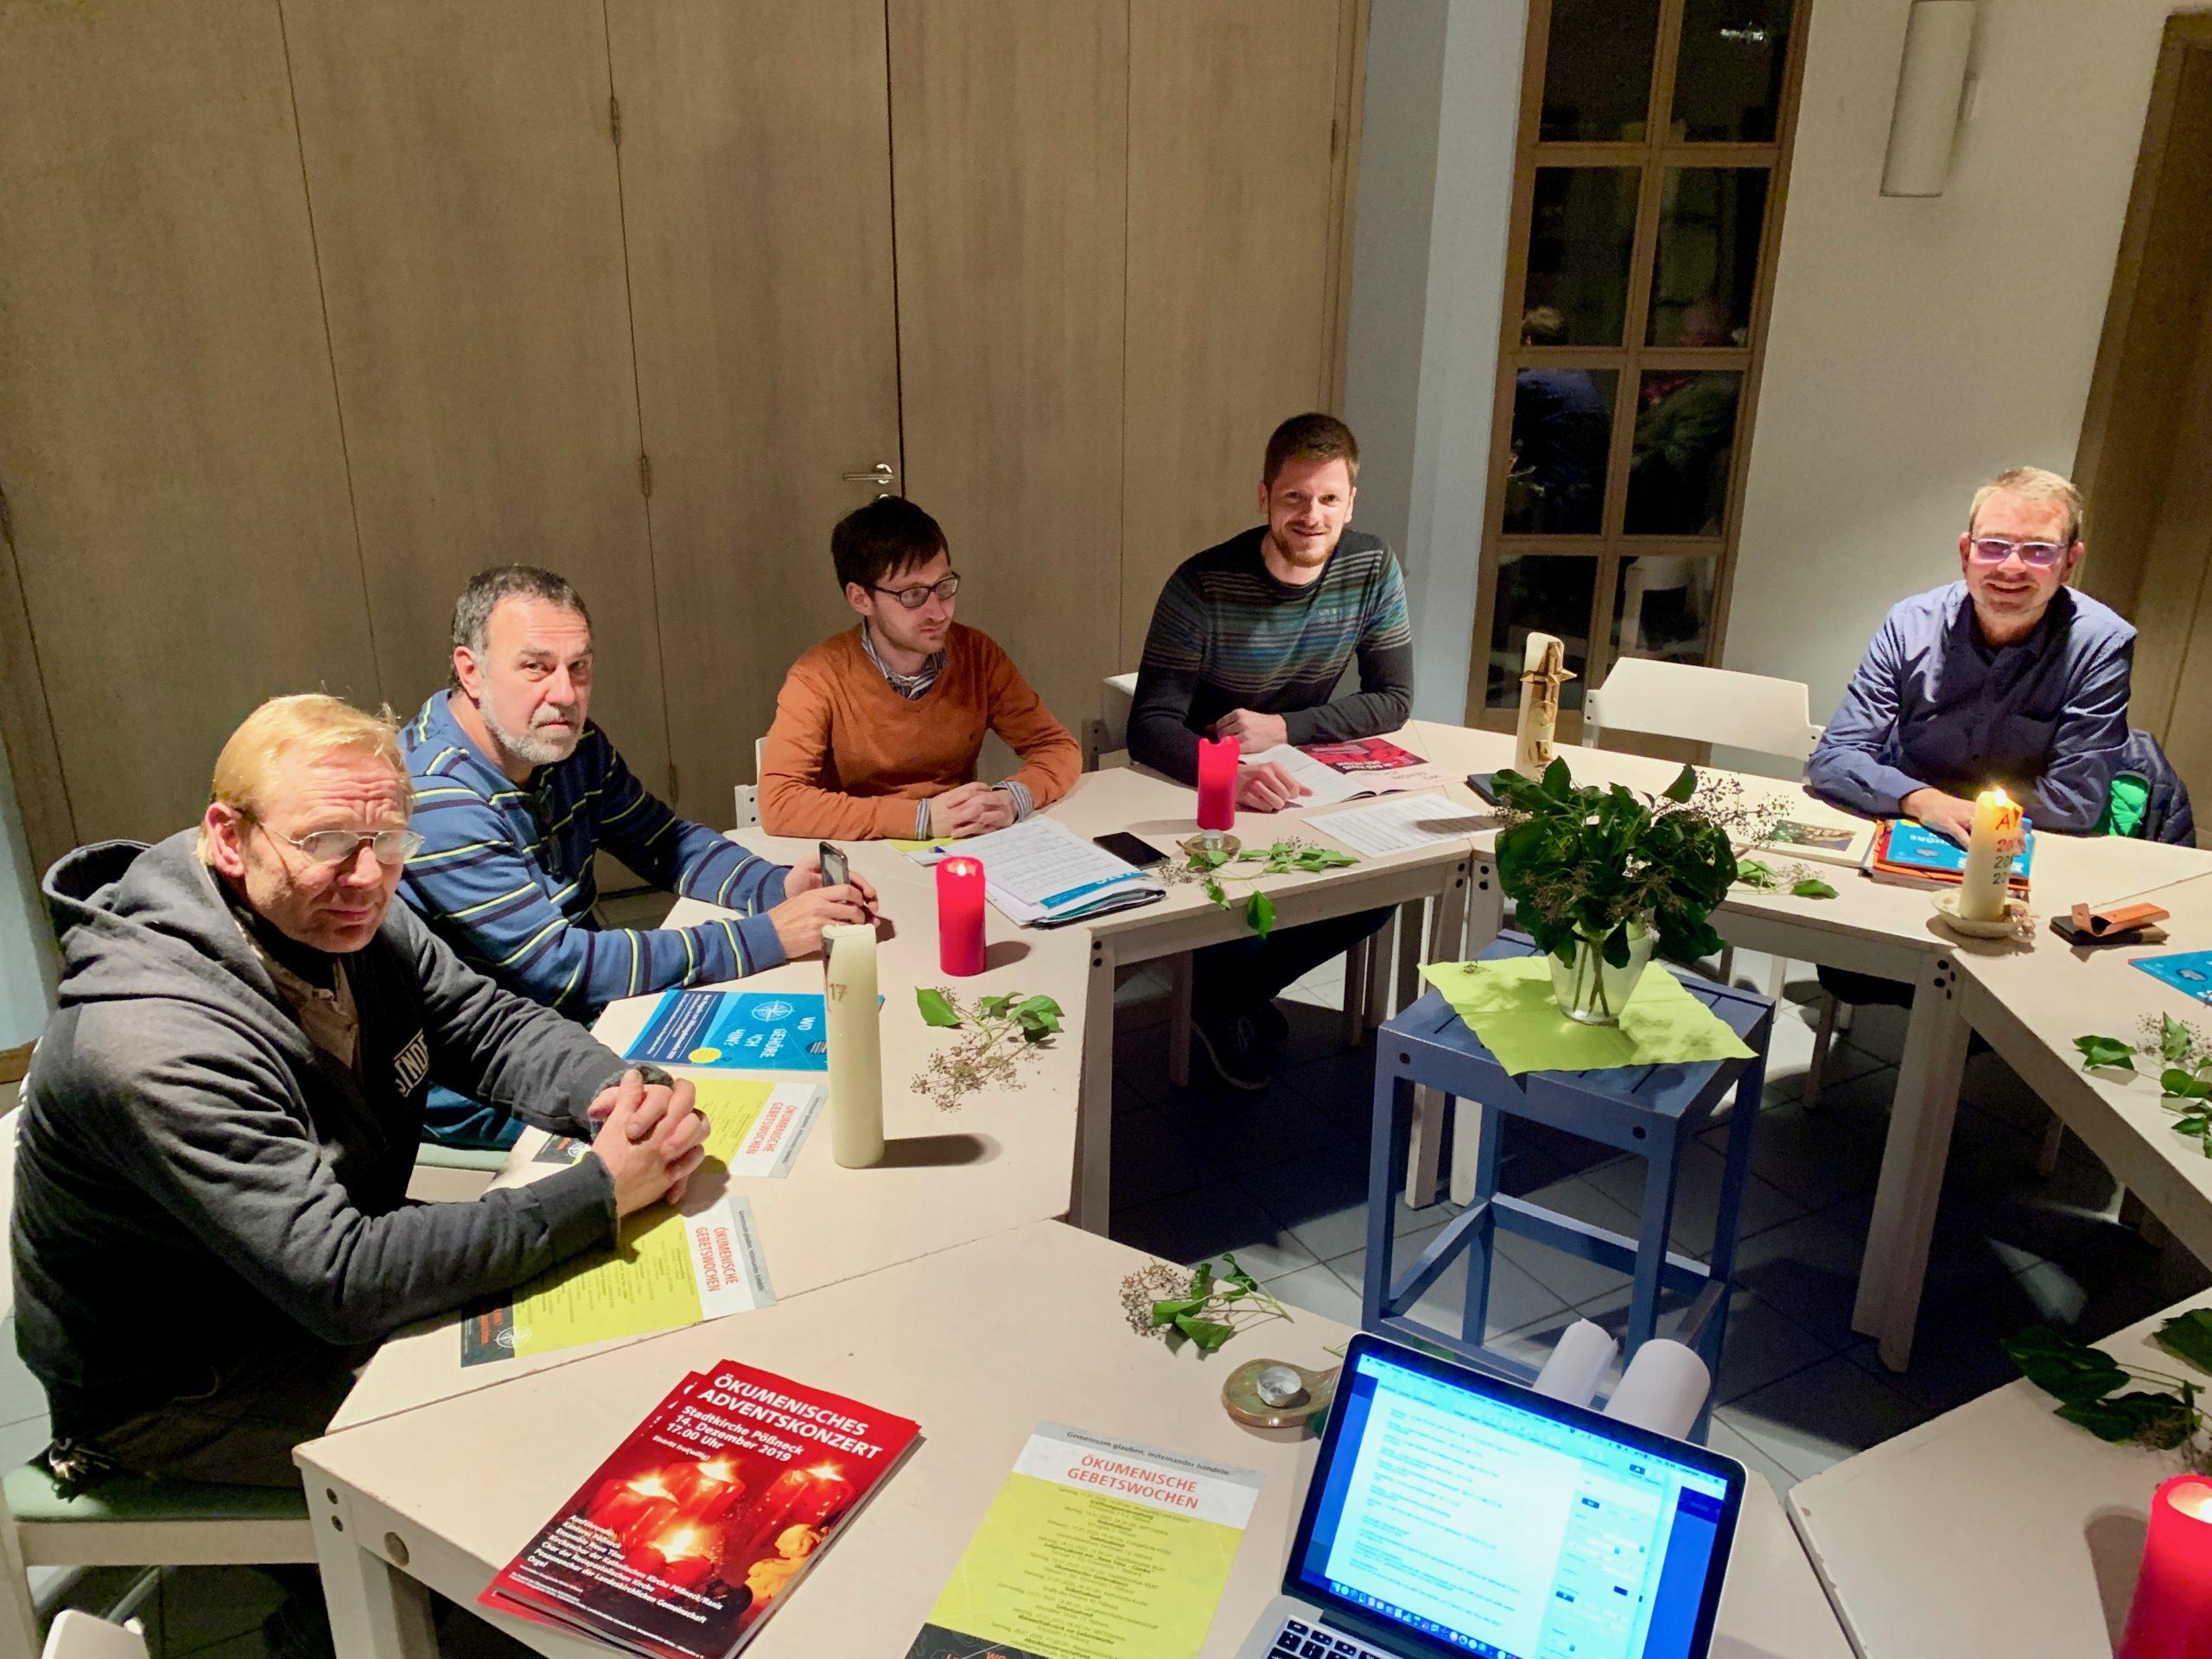 Siegfried Reiher, Thomas Hubich, Cornelius Hofmann, André Jahn, Ralf Franz